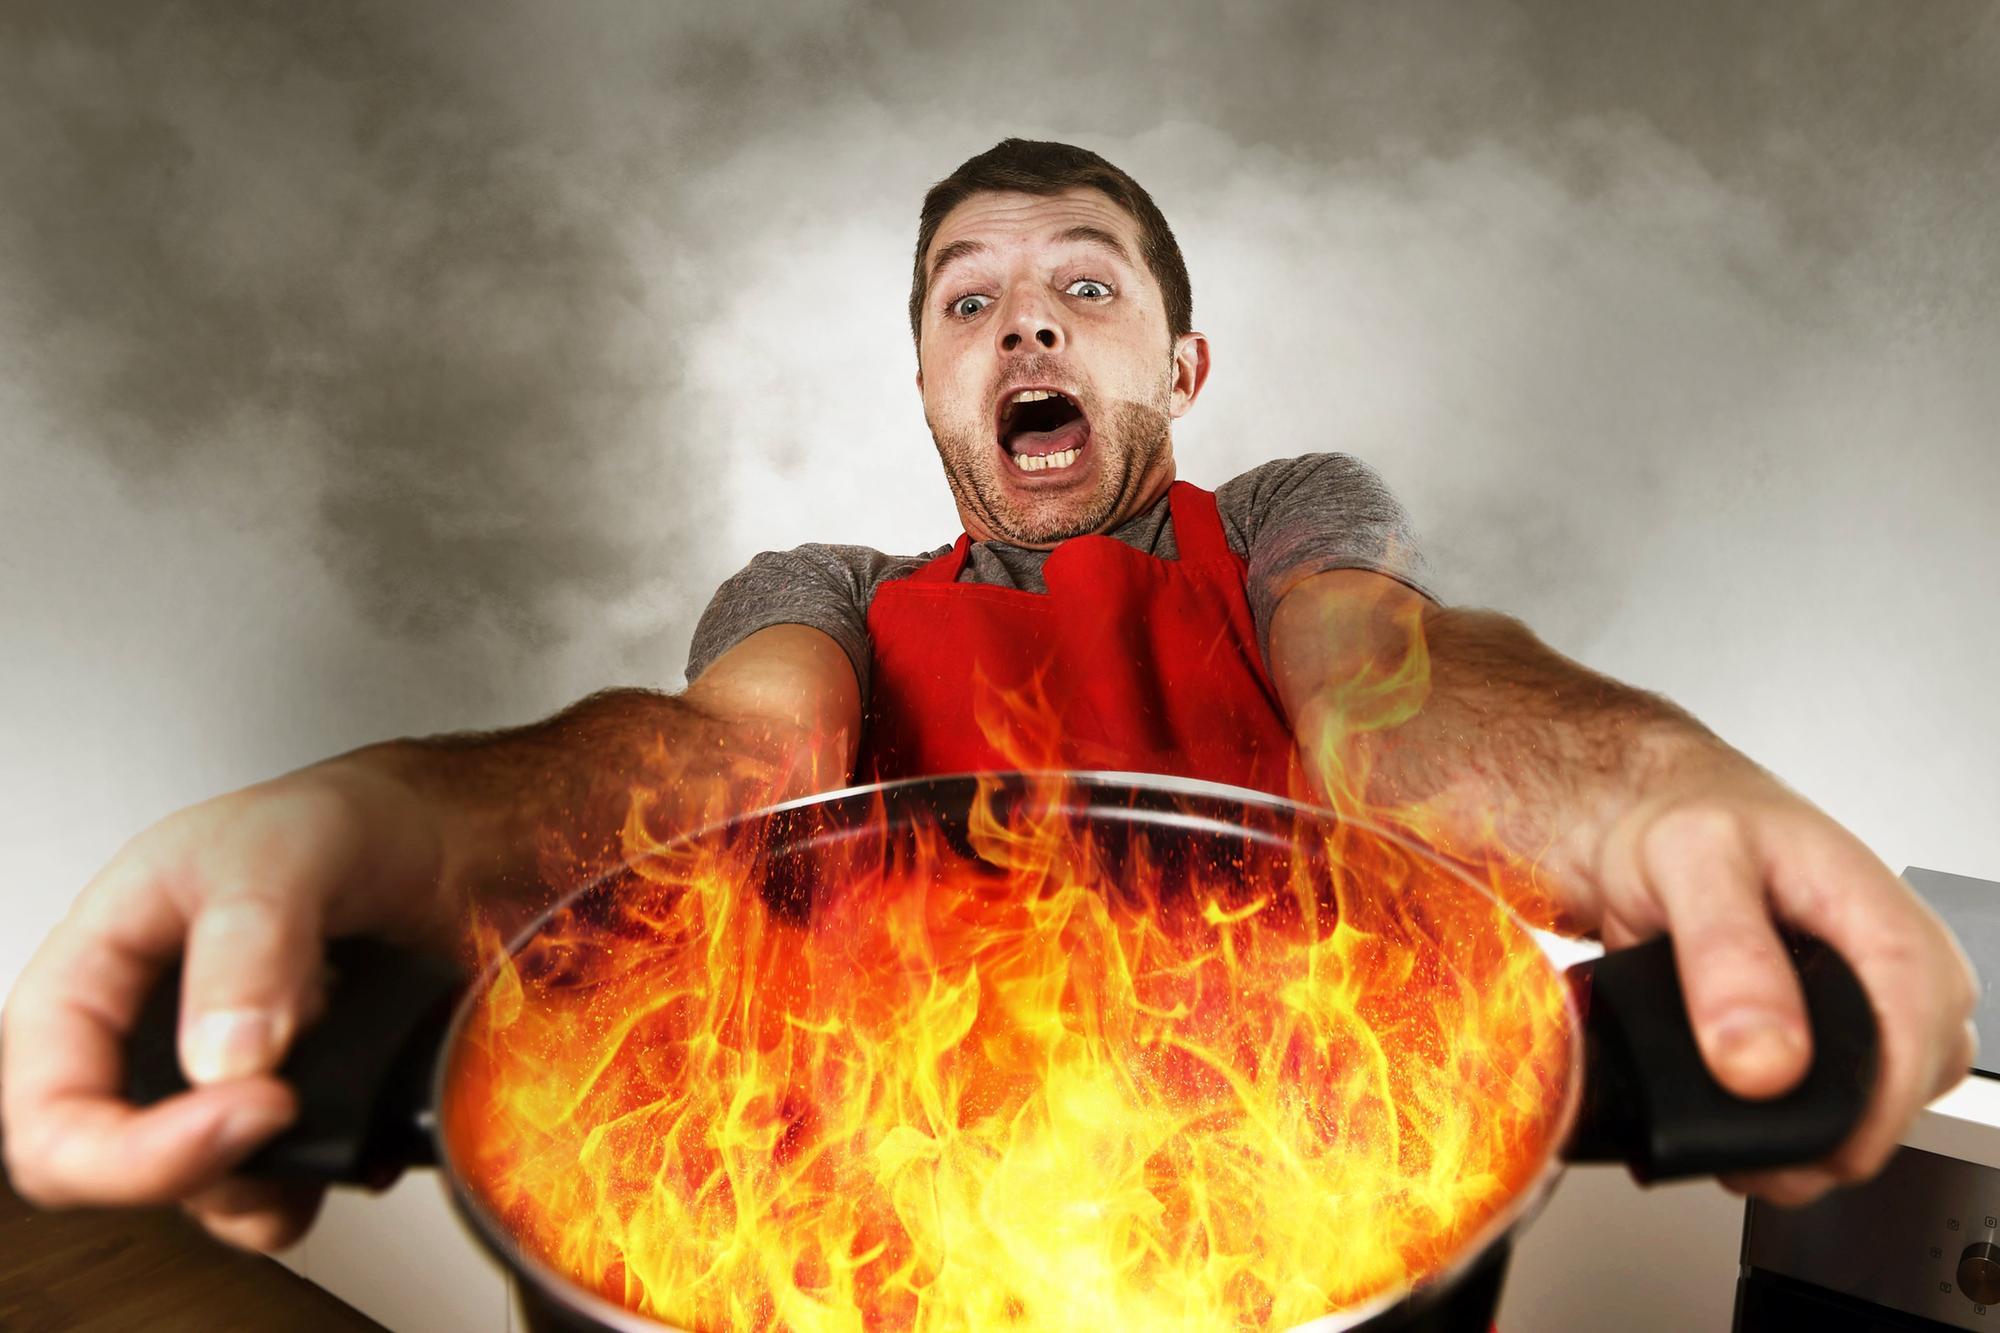 Starting a kitchen fire wasn't my finest moment | Alun Newman